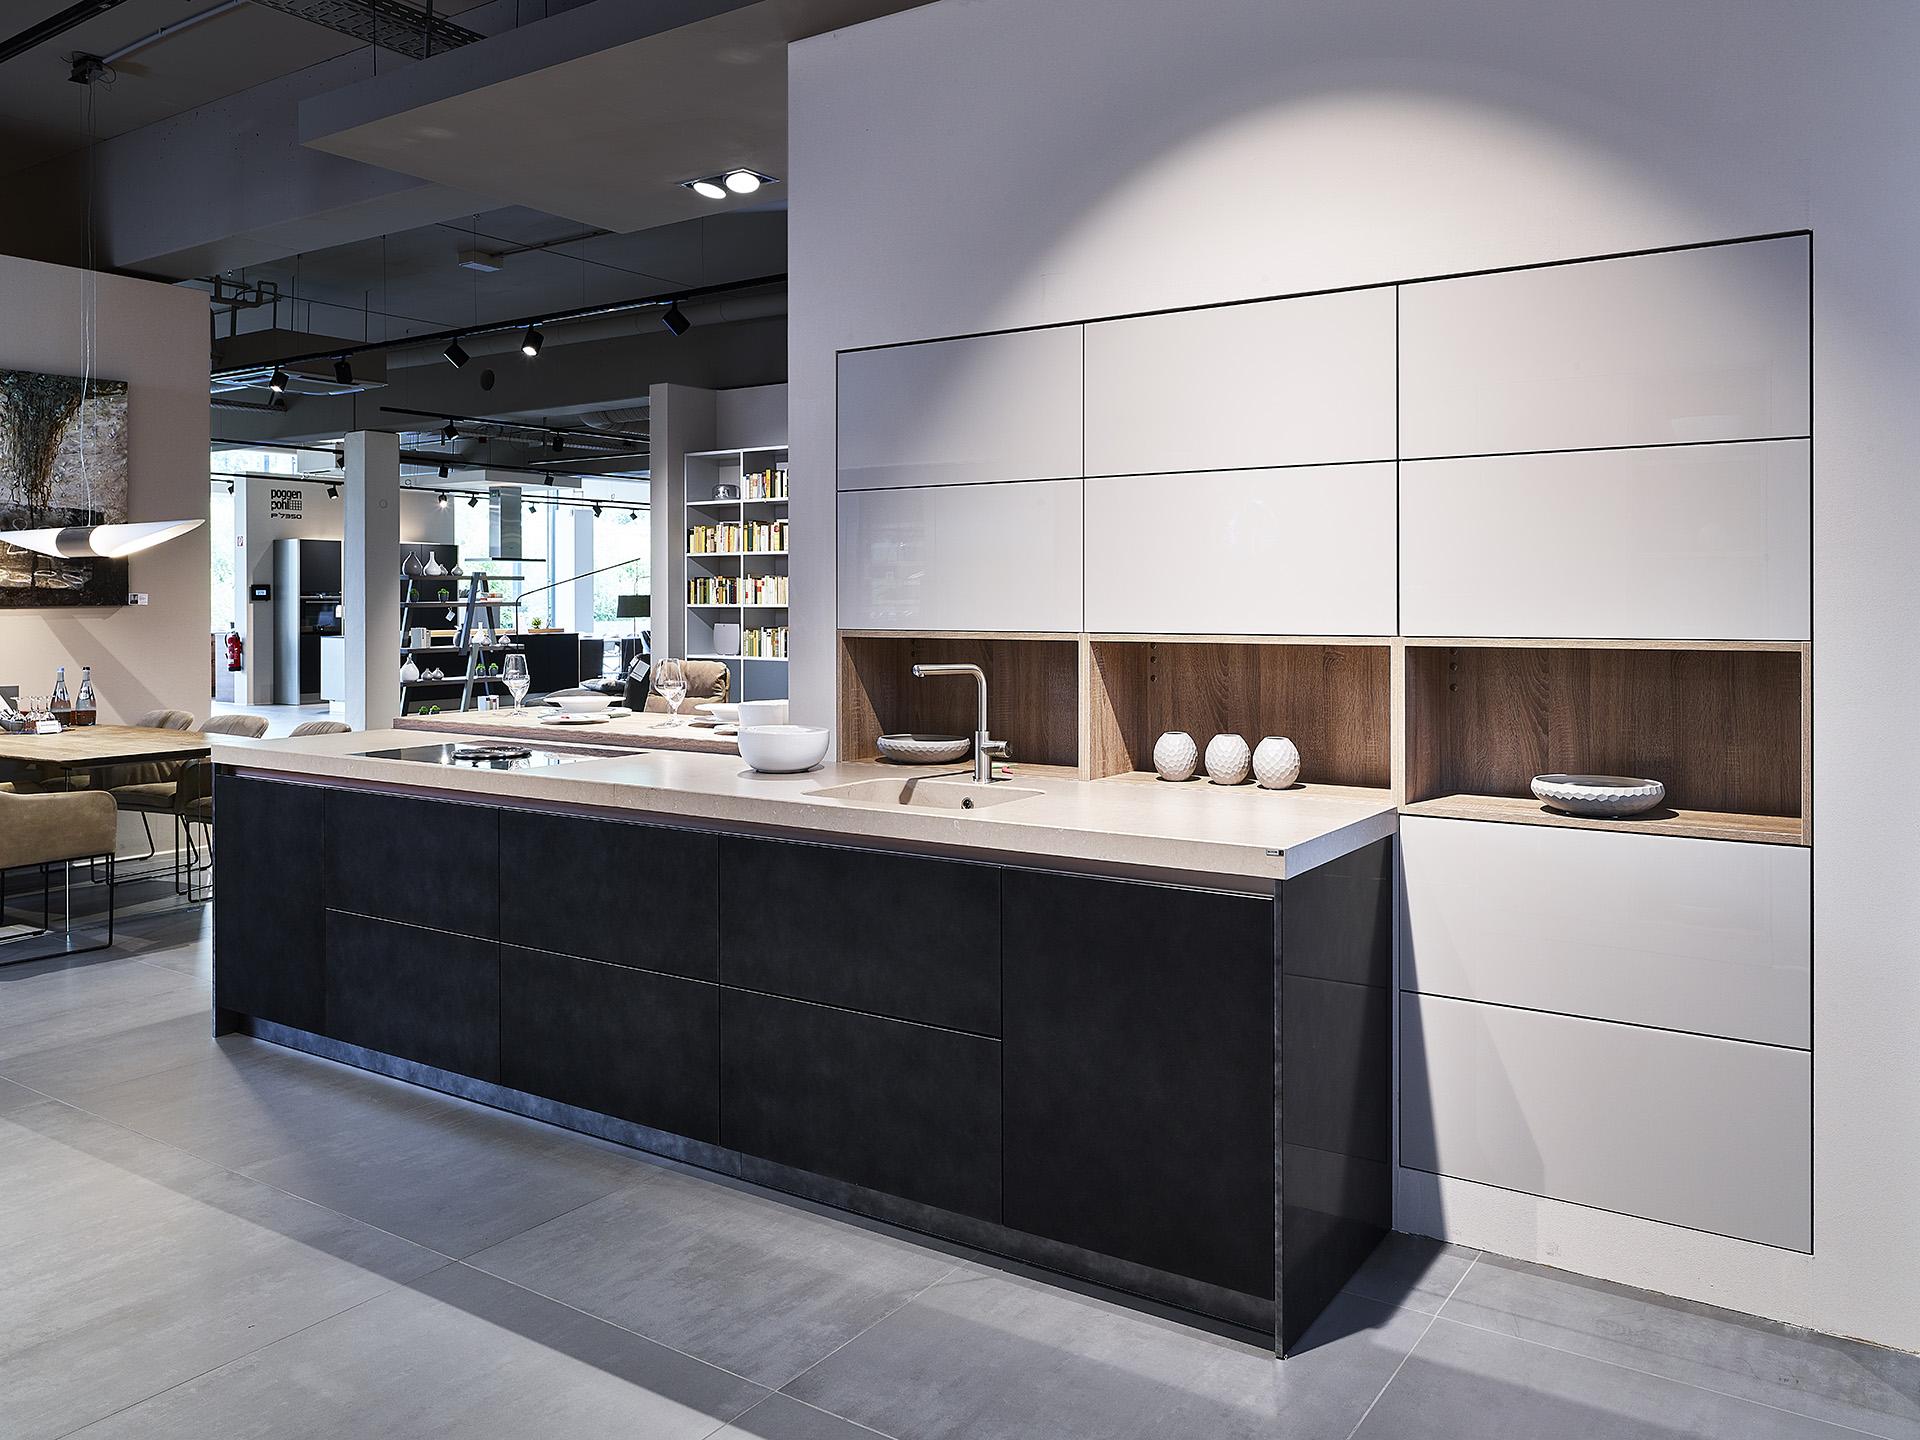 Full Size of Ballerina Küchen Luxurise Kche Mit Sitzgelegenheit Und Groer Regal Wohnzimmer Ballerina Küchen